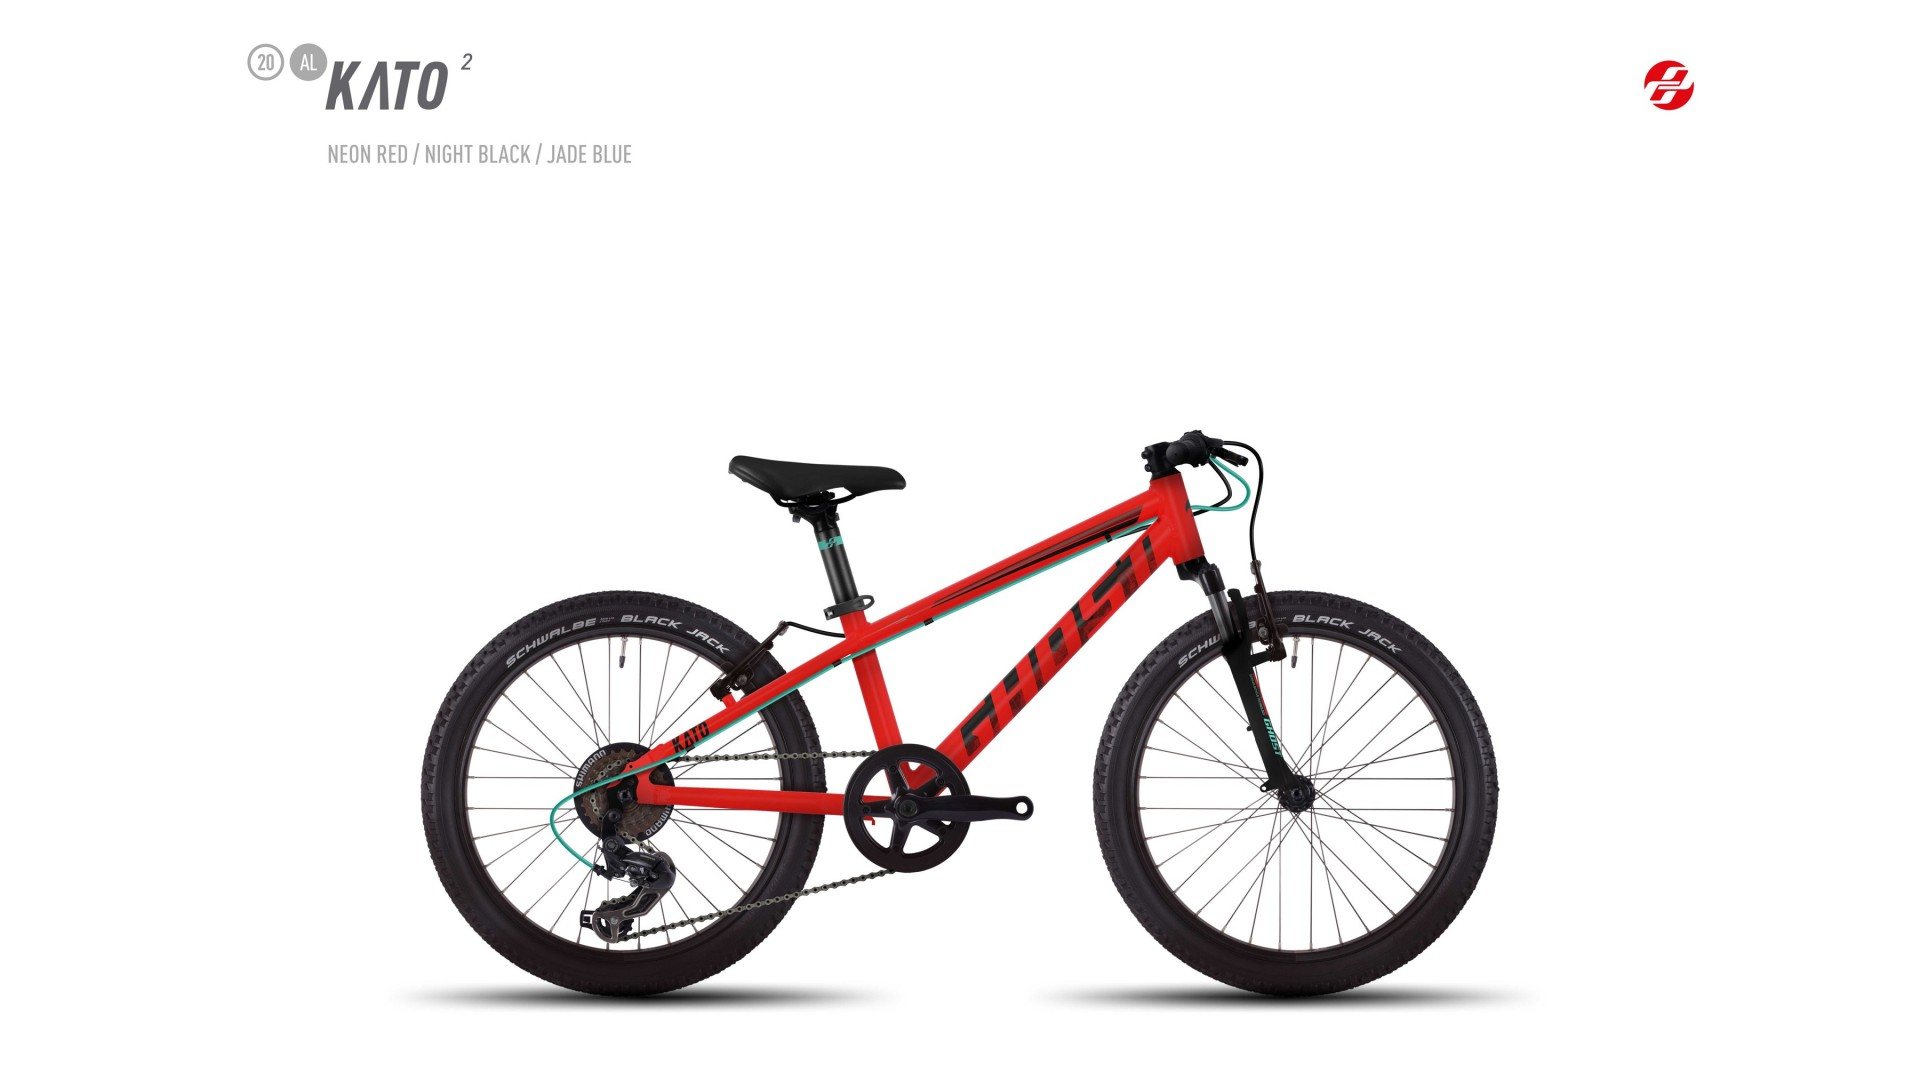 Велосипед GHOST Kato 2 AL 20 neonred/nightblack/jadeblue год 2017